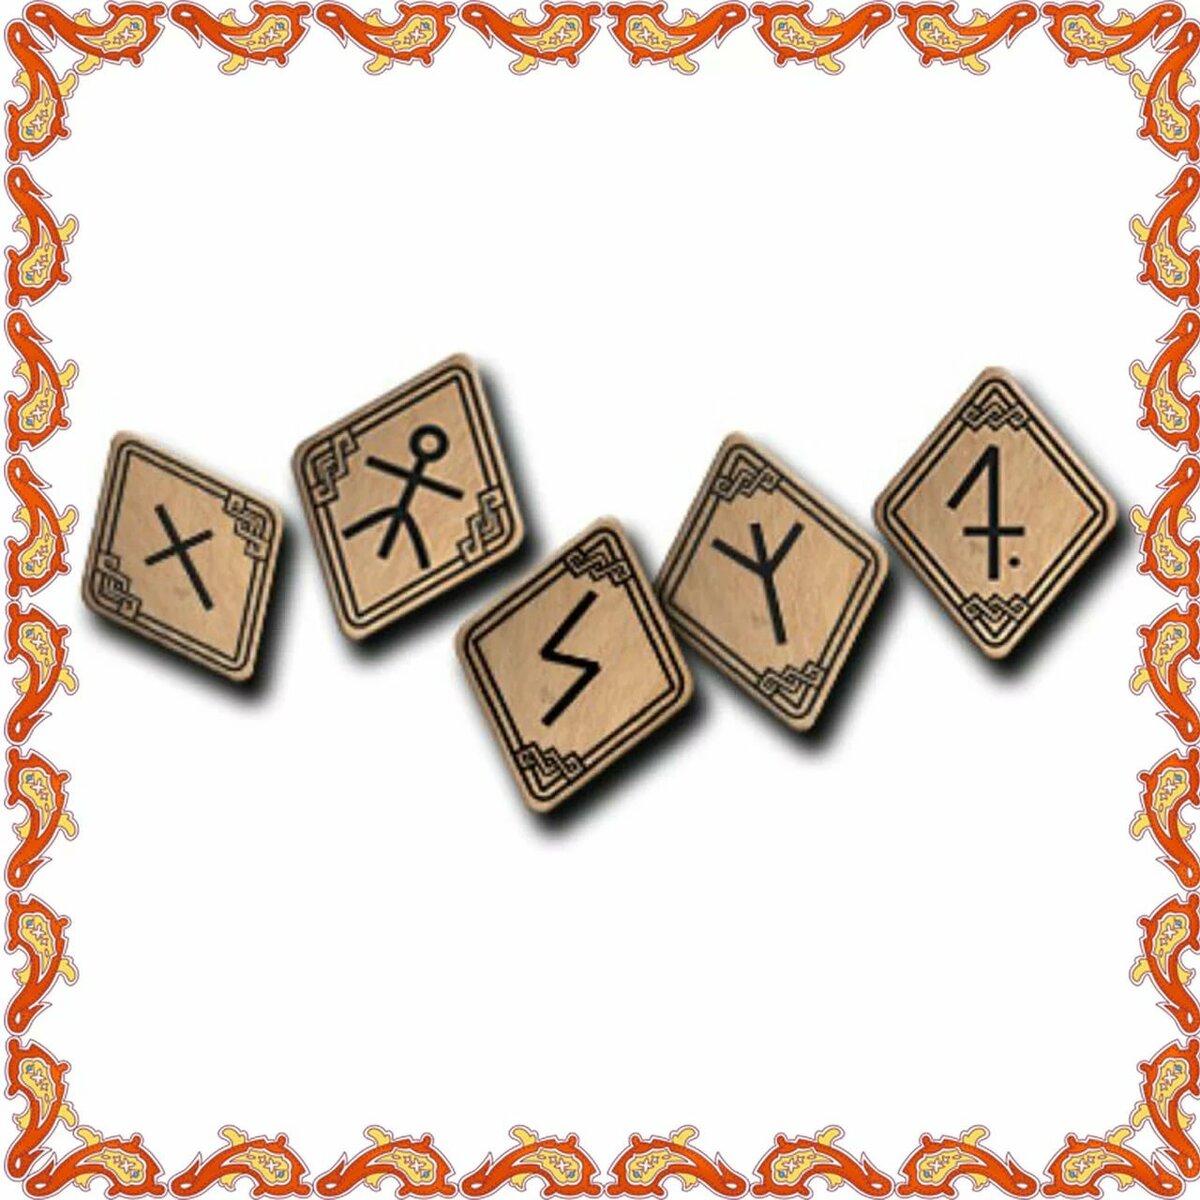 Значение руны Ансуз в магии, толкование при гадании